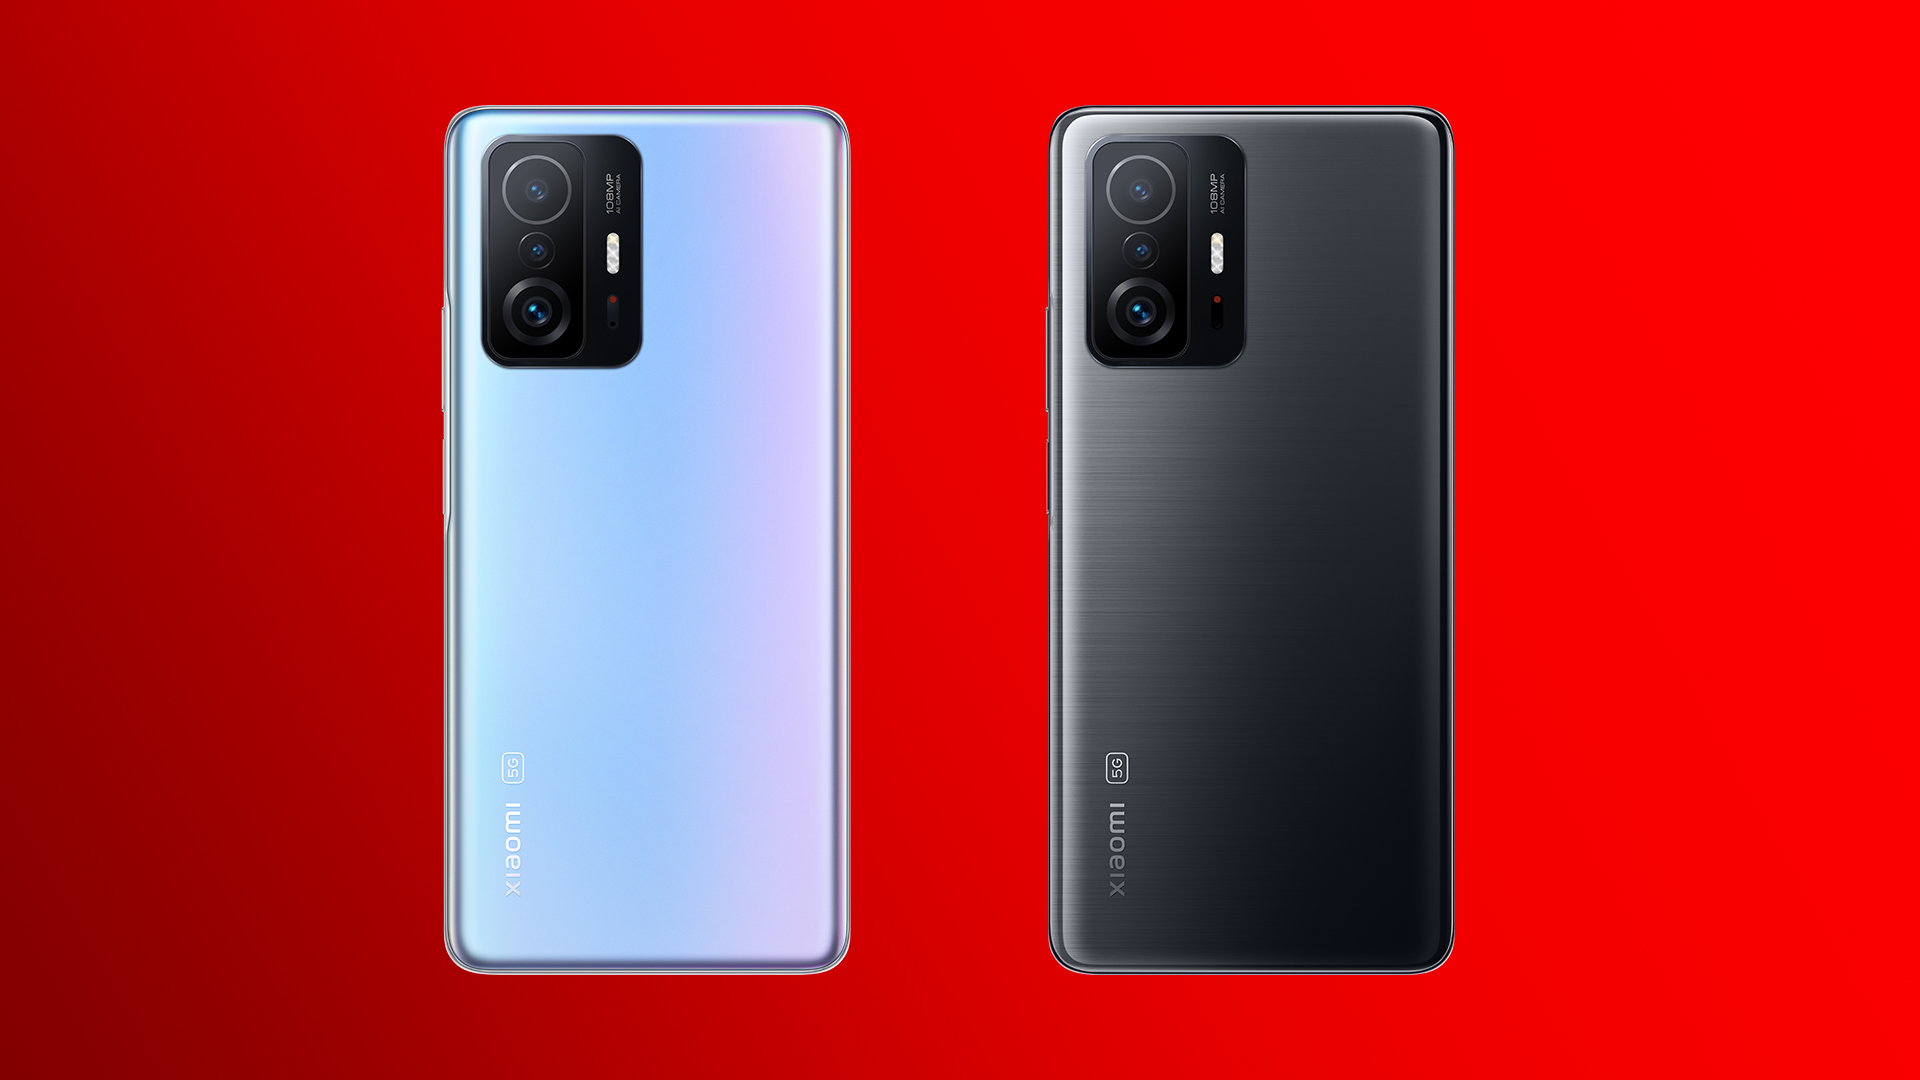 Das Xiaomi 11T Pro 5G in Celestial Blue und Meteorite Gray rückseitig mit Kamera-Linse.